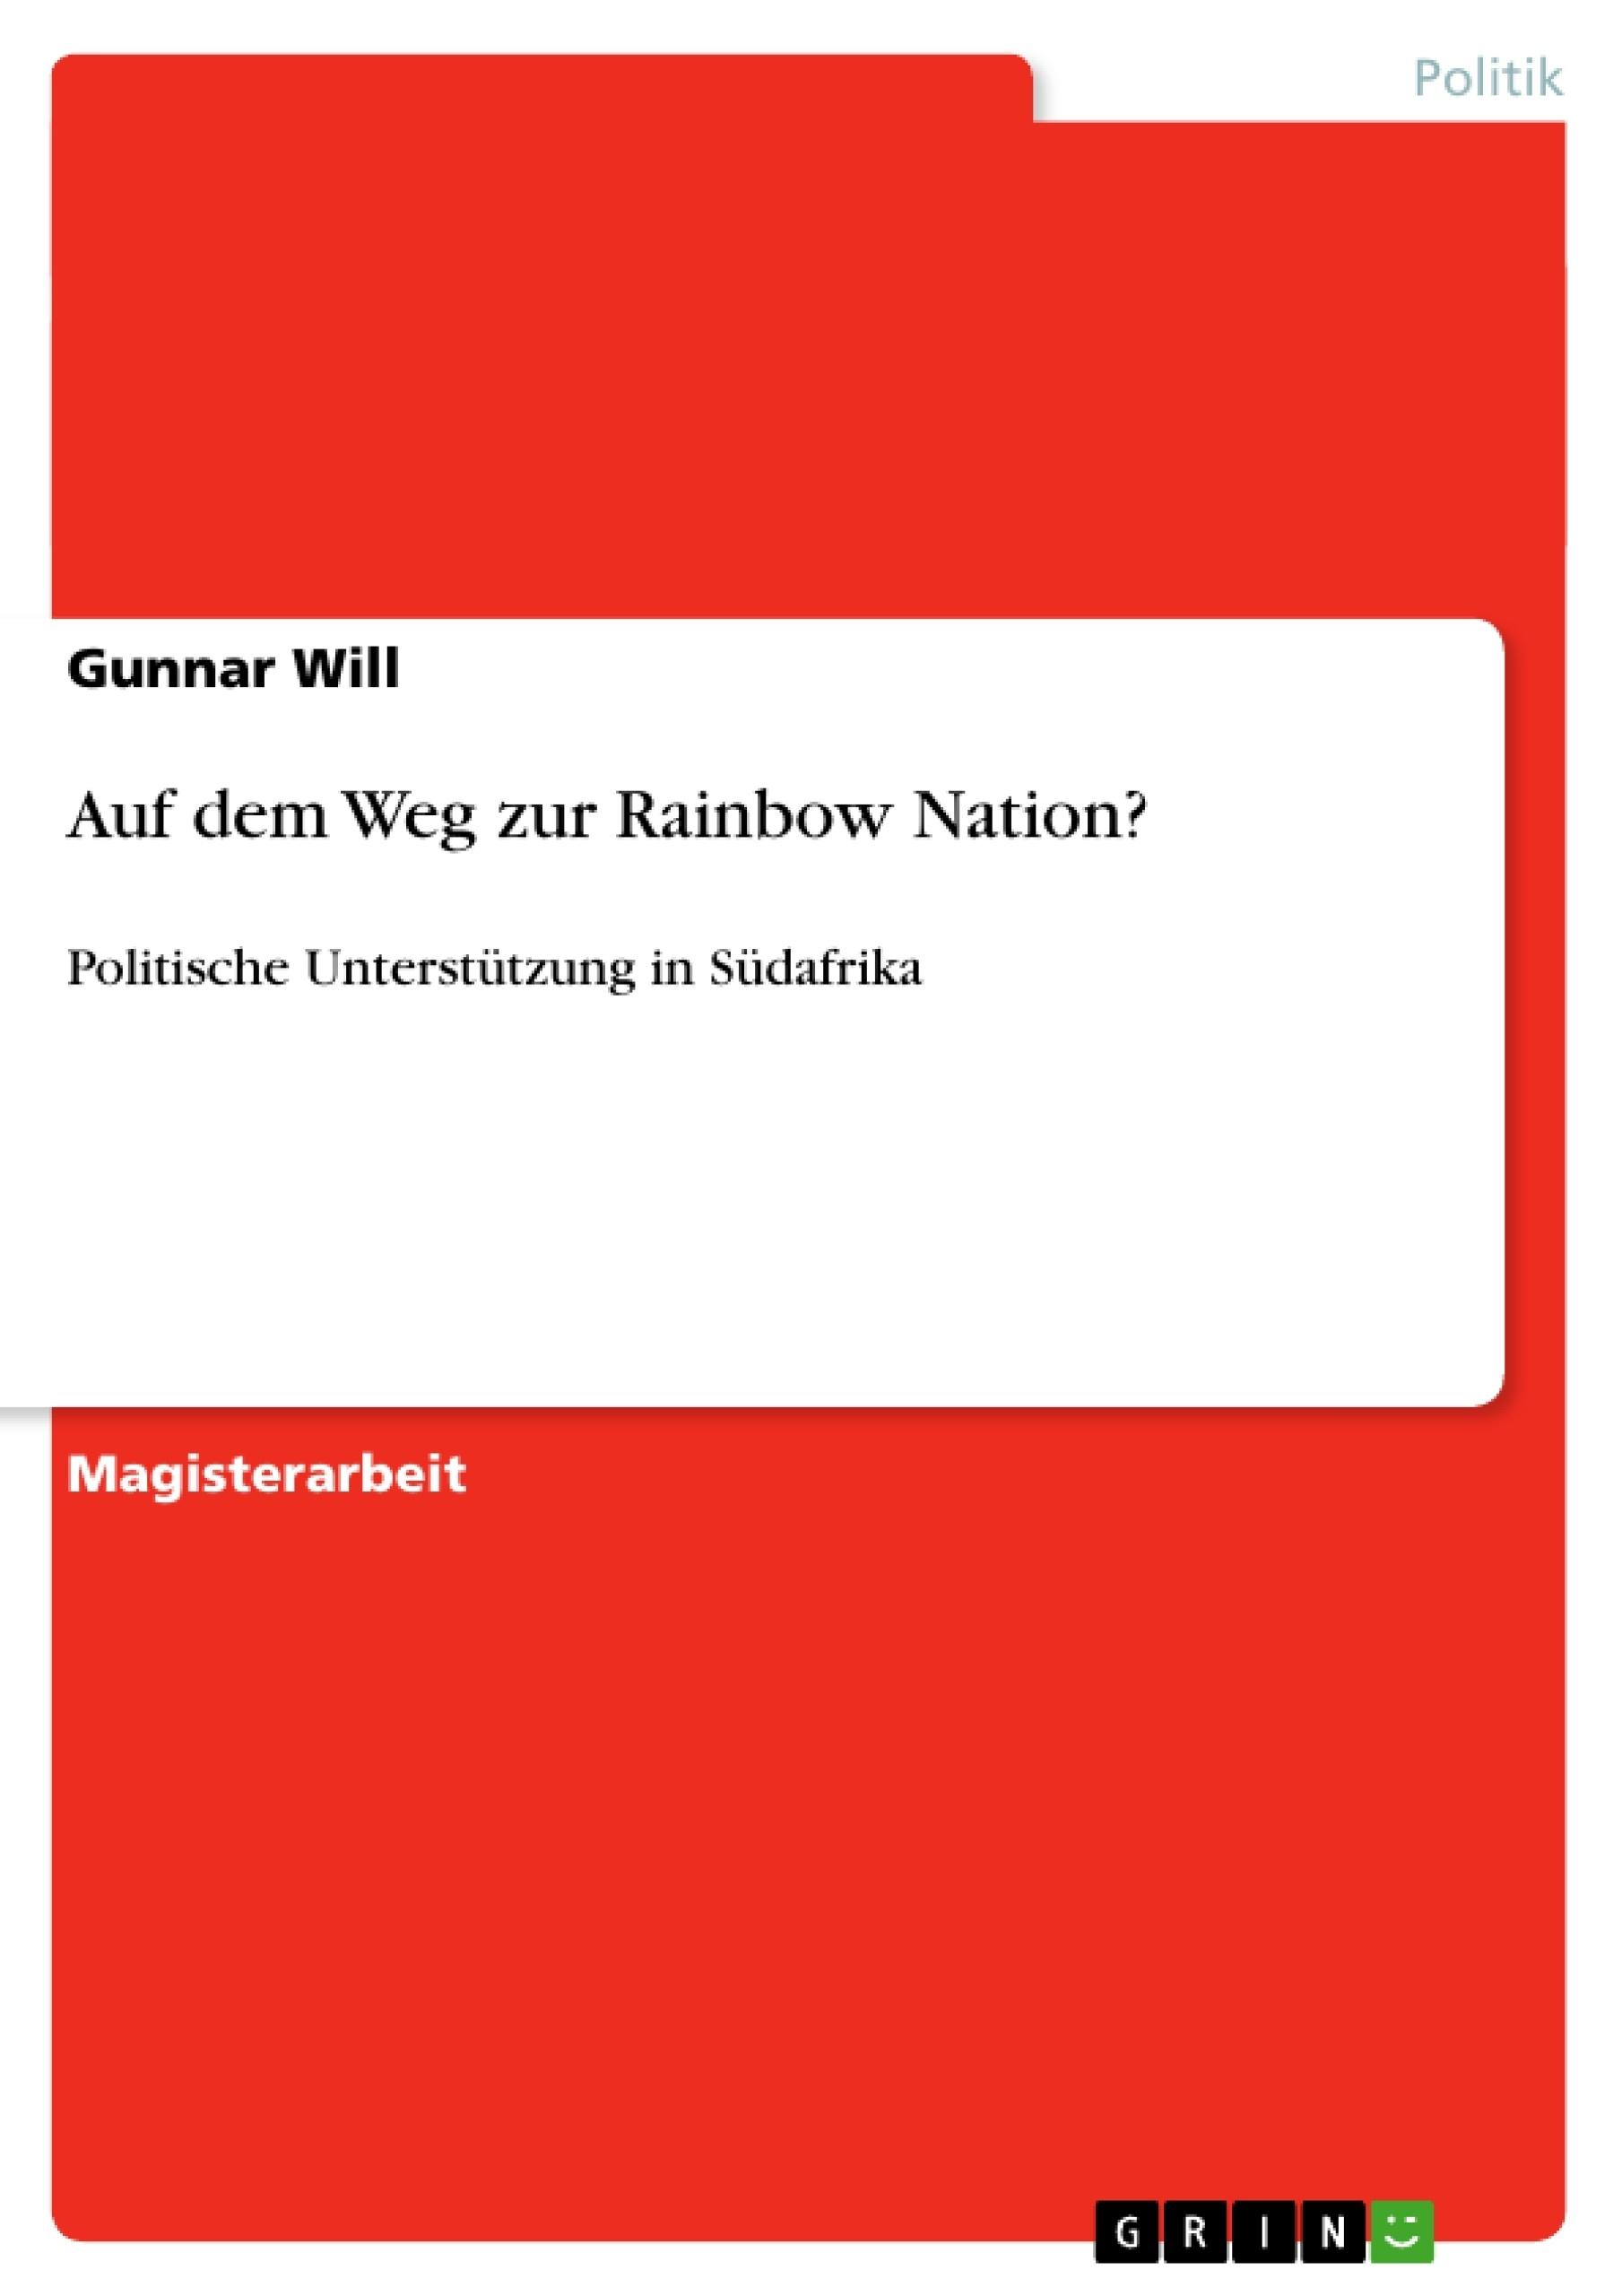 Titel: Auf dem Weg zur Rainbow Nation?